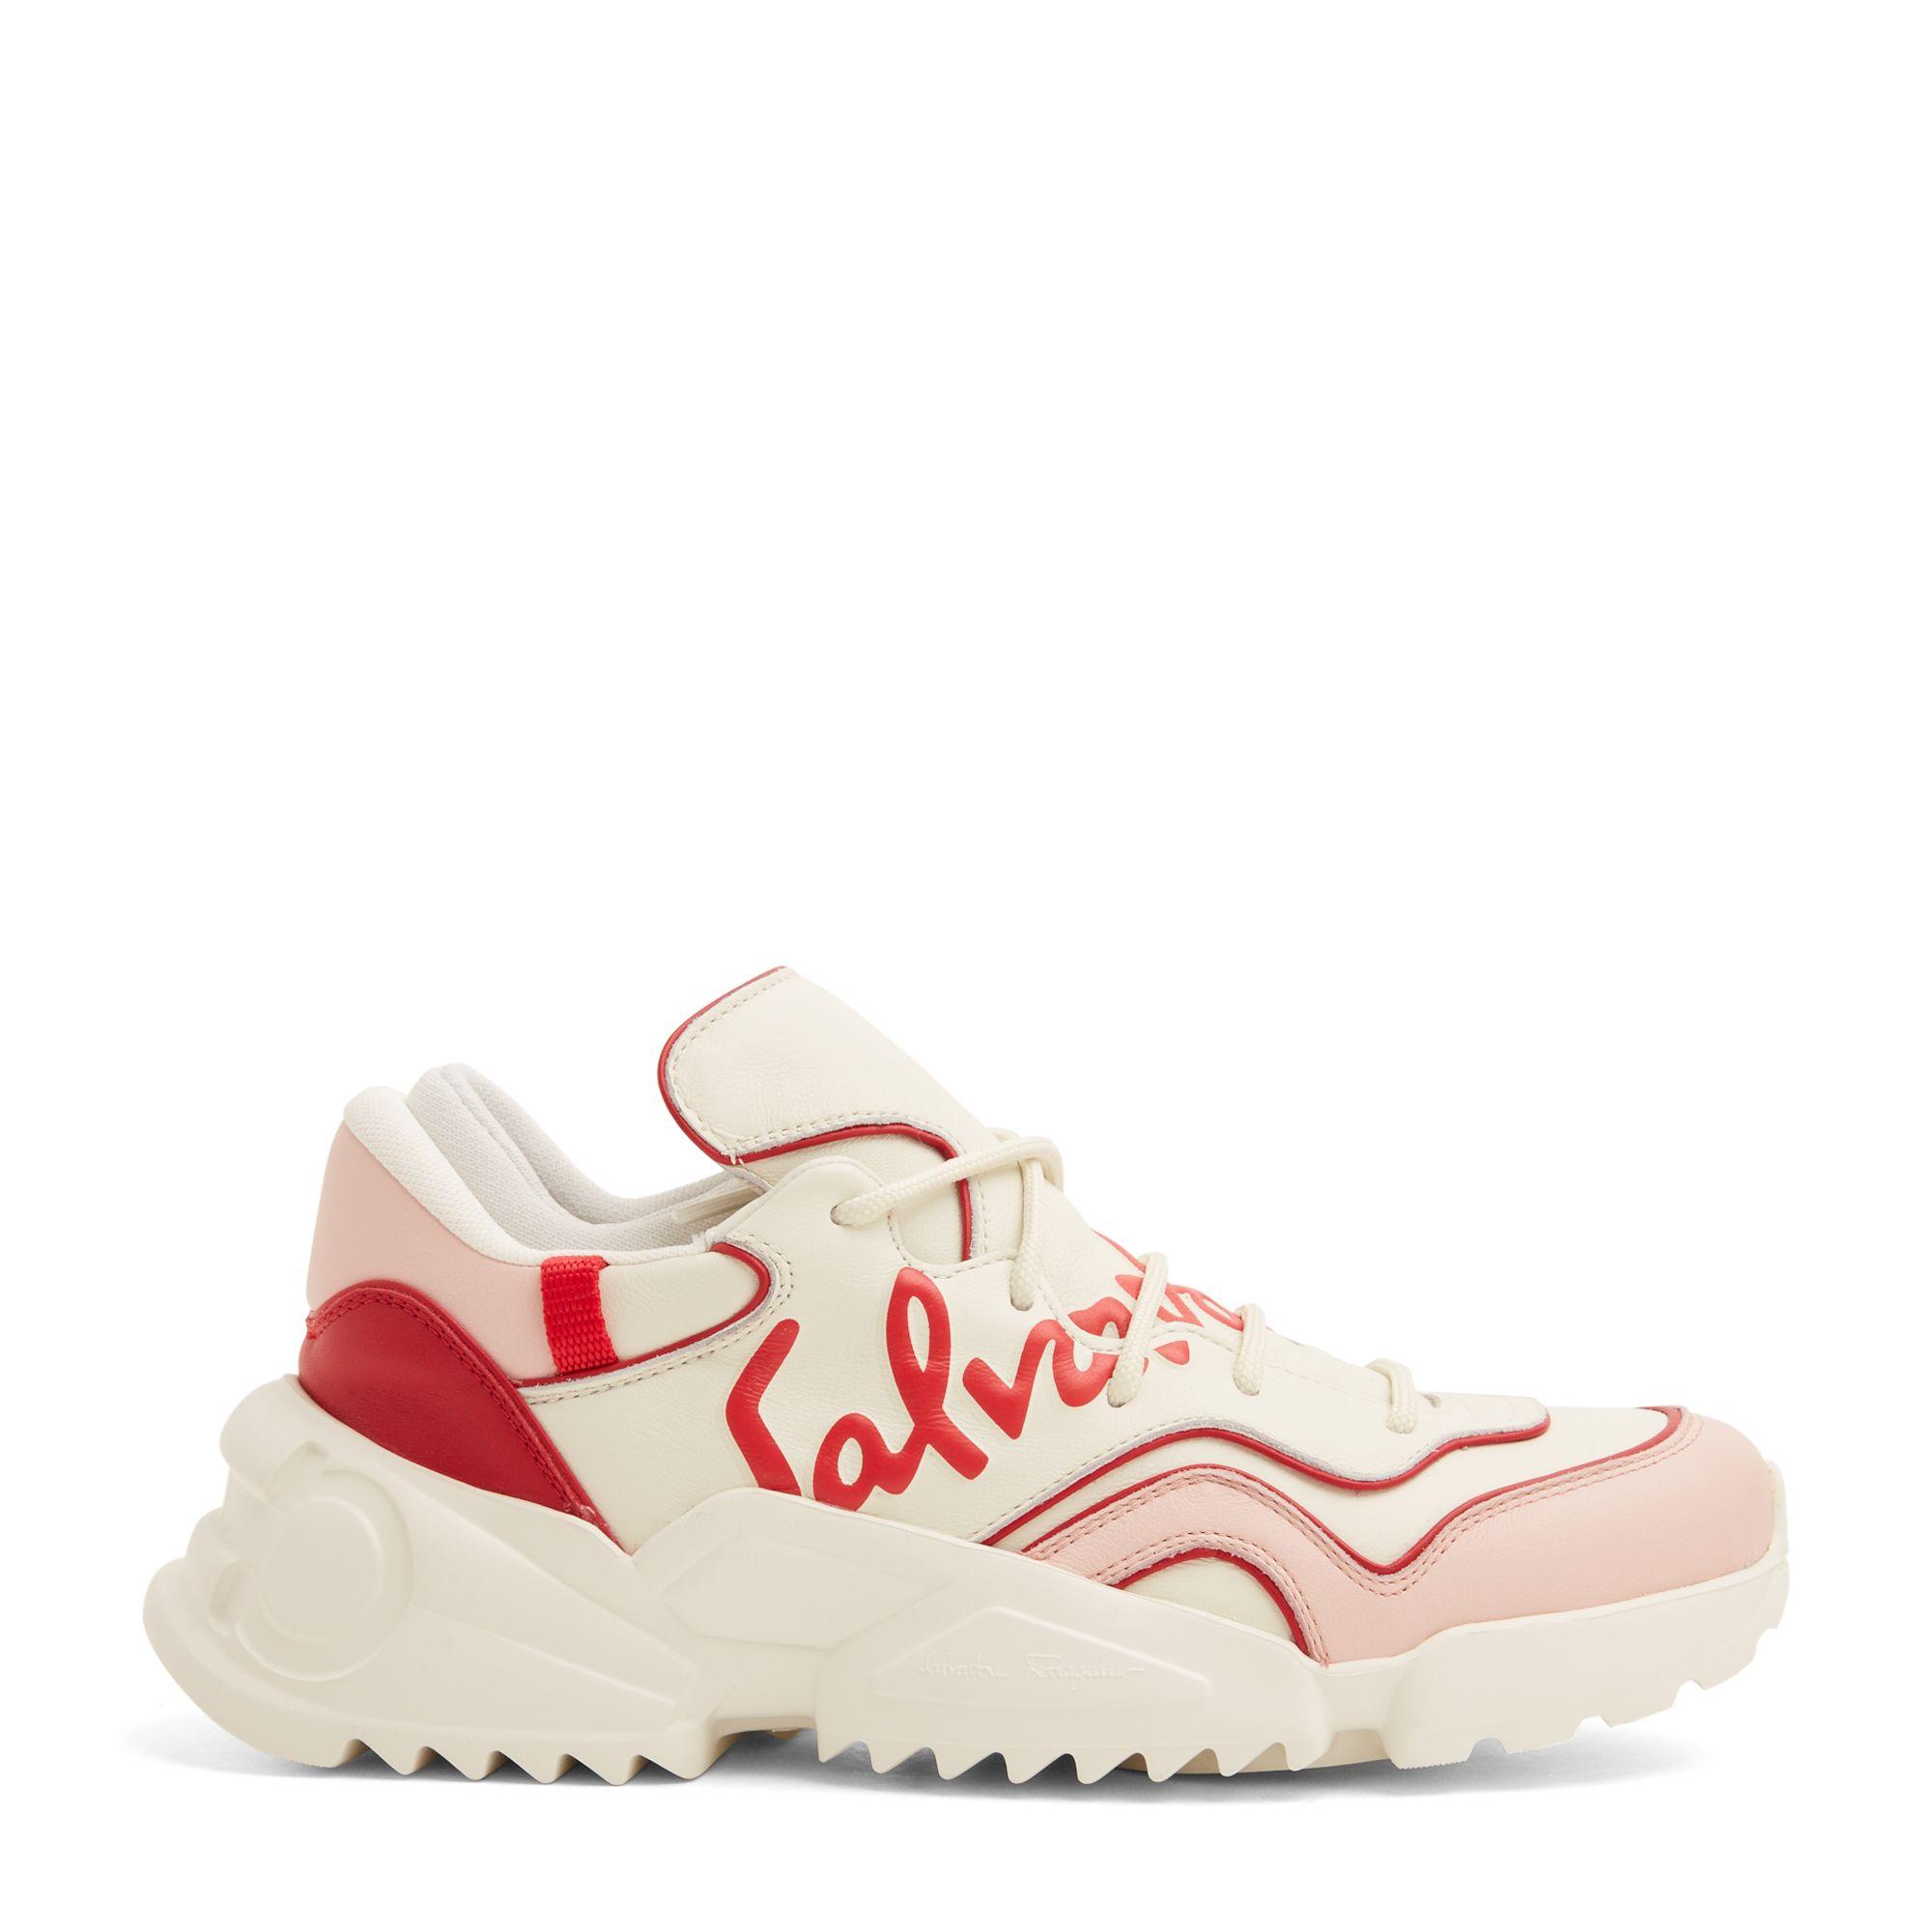 Nilu sneakers